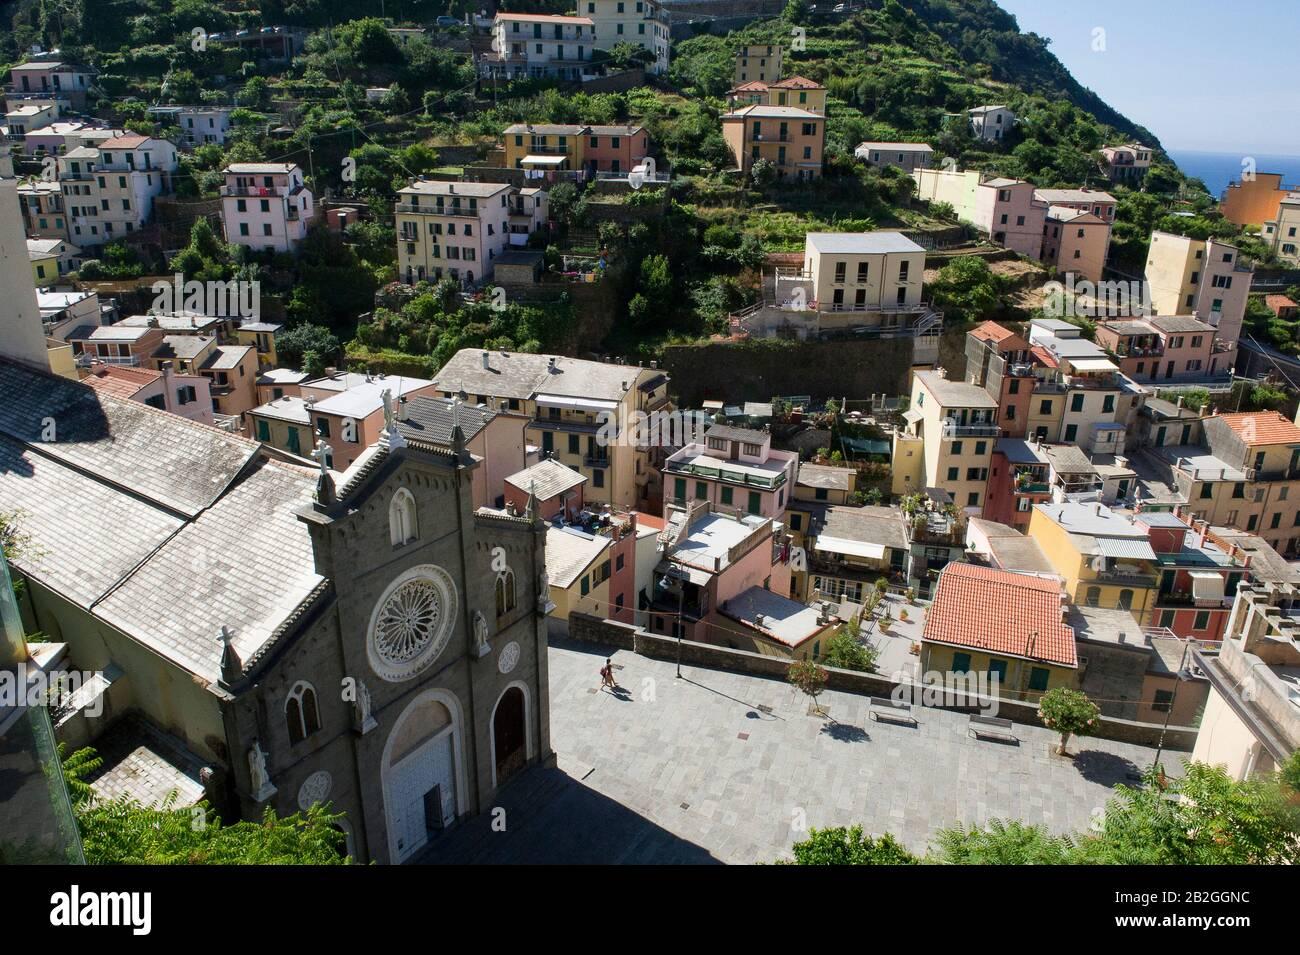 Riomaggiore donne sur la mer dans la province de la Spezia, se trouve dans le parc naturel des Cinque Terre en Ligurie, dans le nord-ouest de l'Italie. Il est inscrit sur la liste du patrimoine mondial de l'UNESCO Banque D'Images